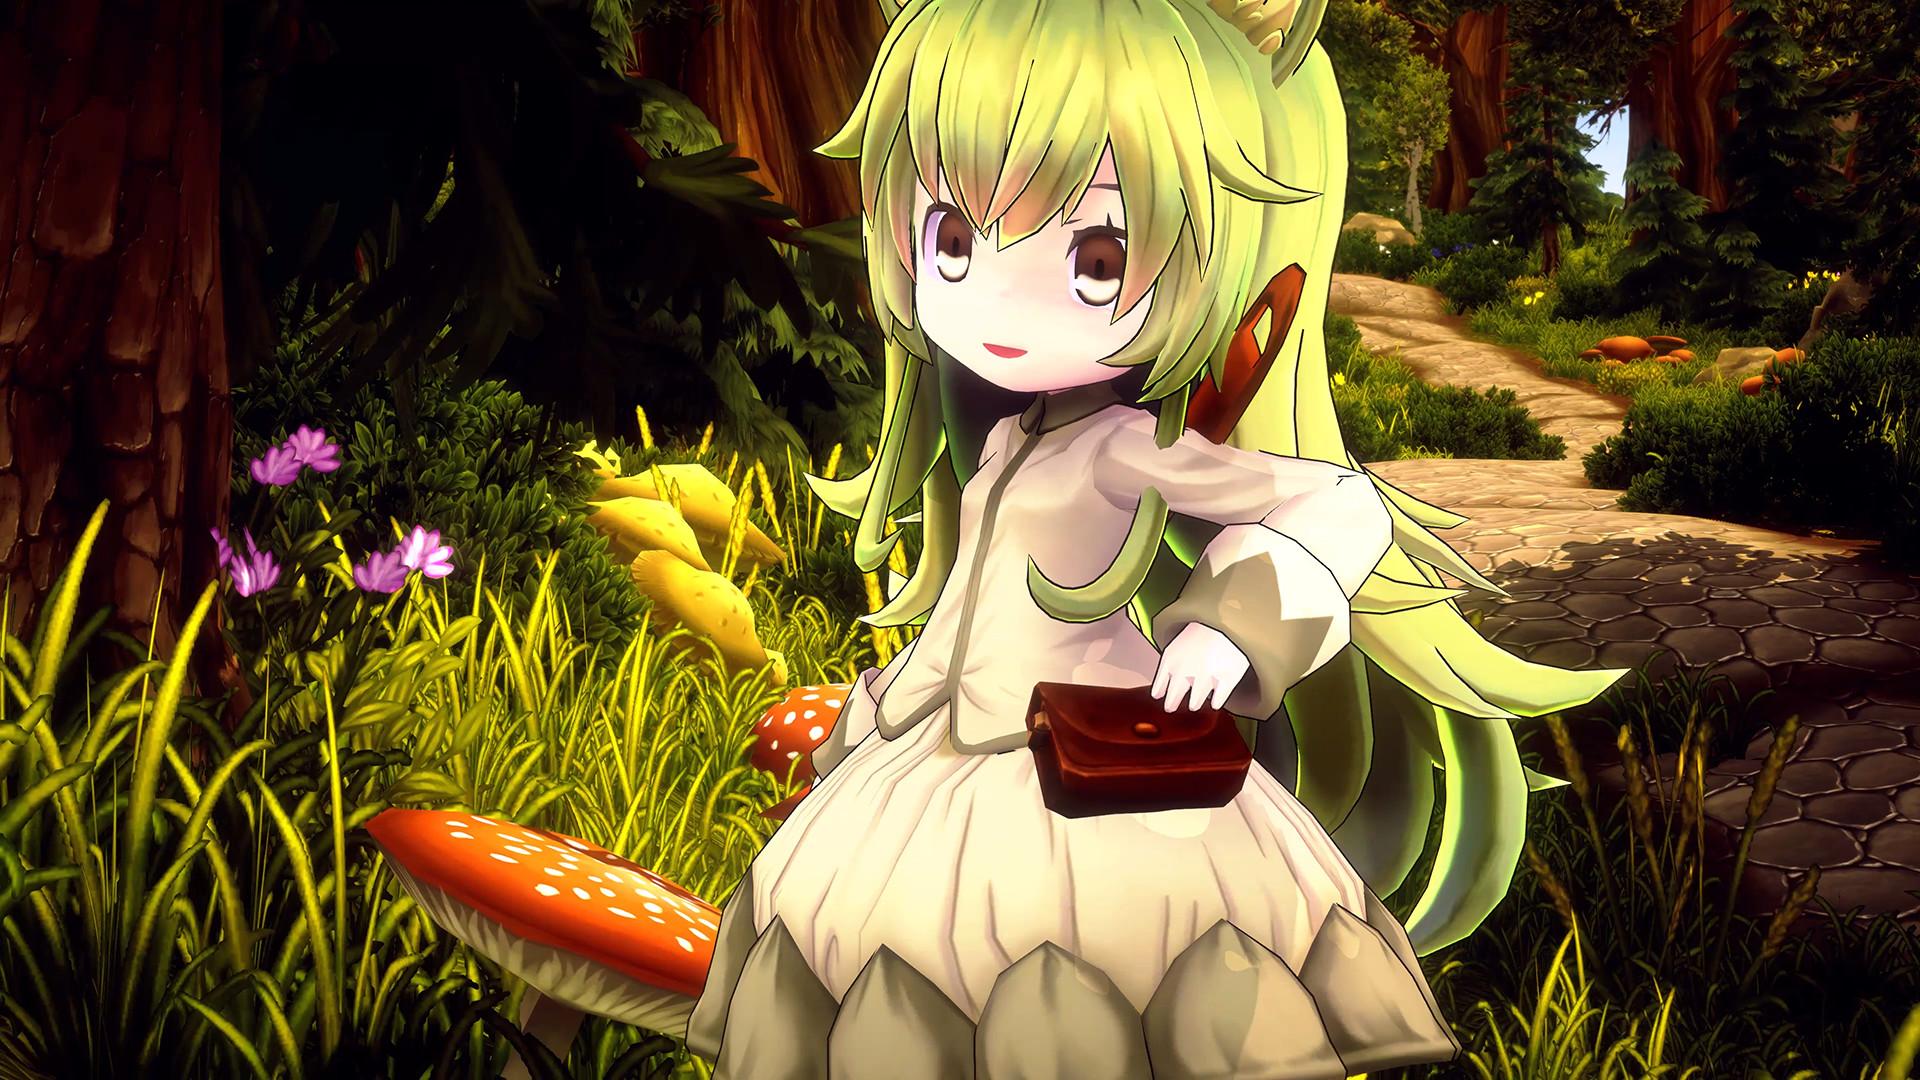 《童话森林》评测:当时隔多年的童话再次回到眼前